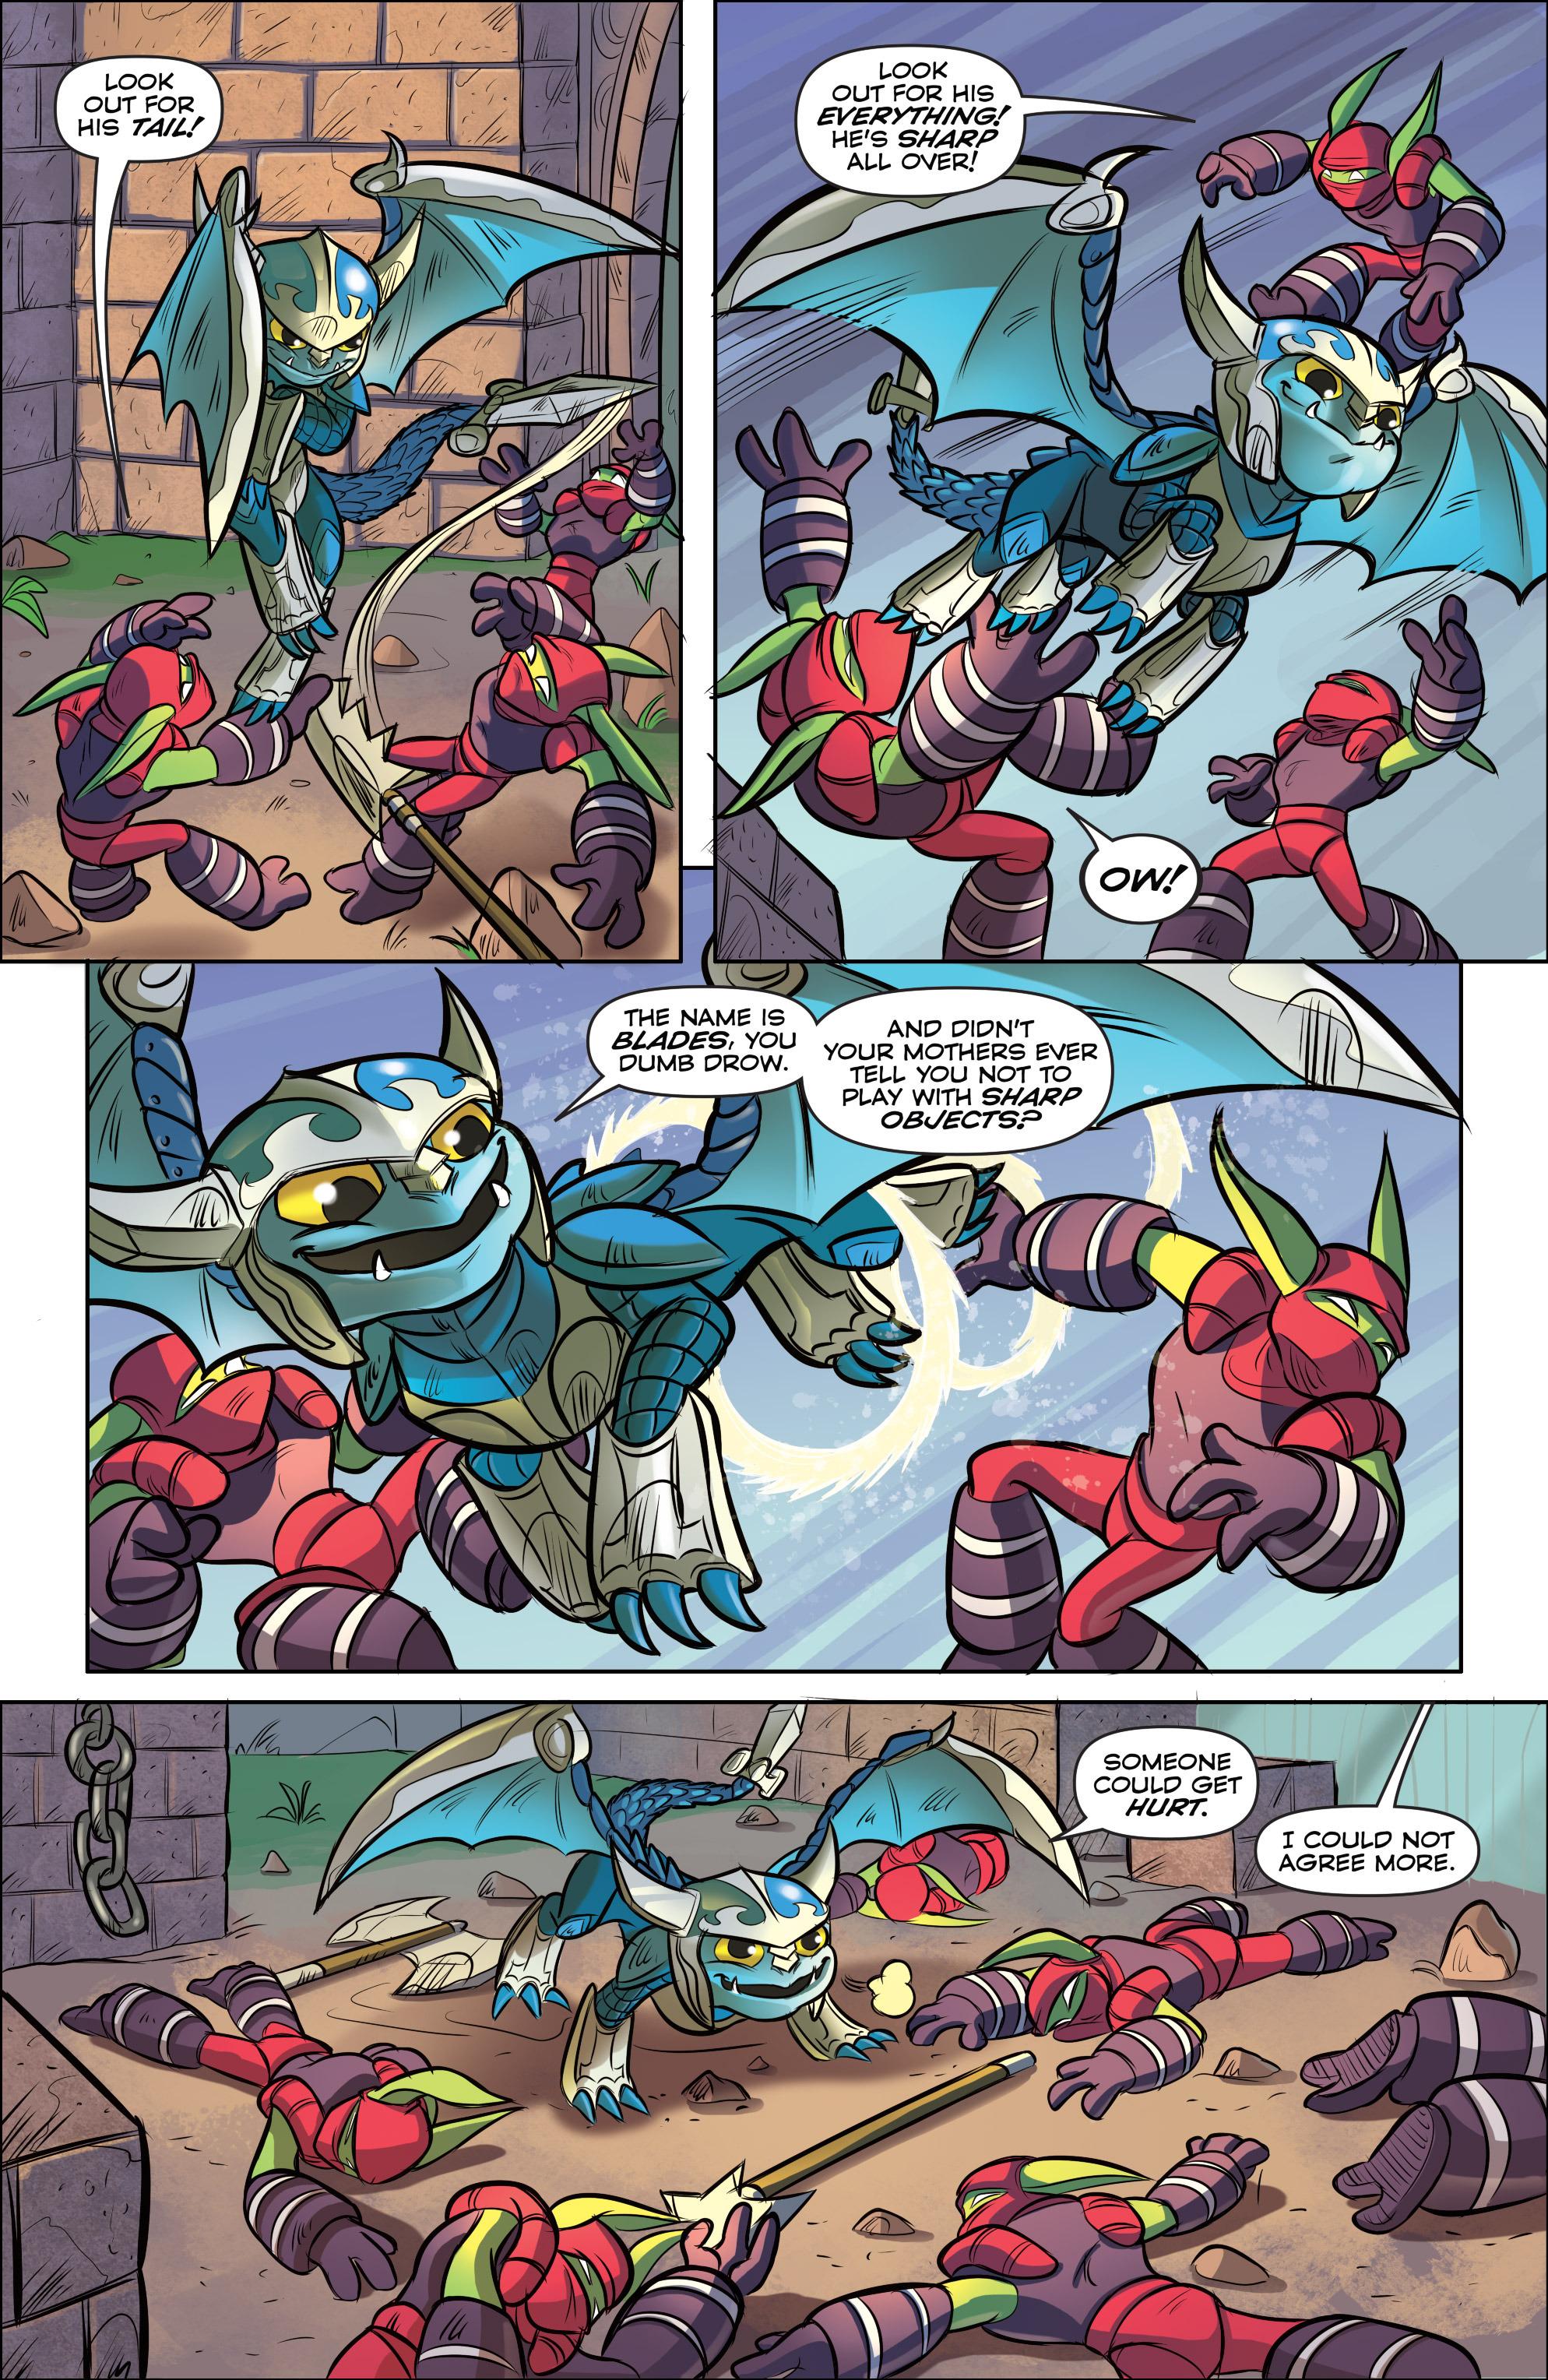 Read online Skylanders comic -  Issue #5 - 11